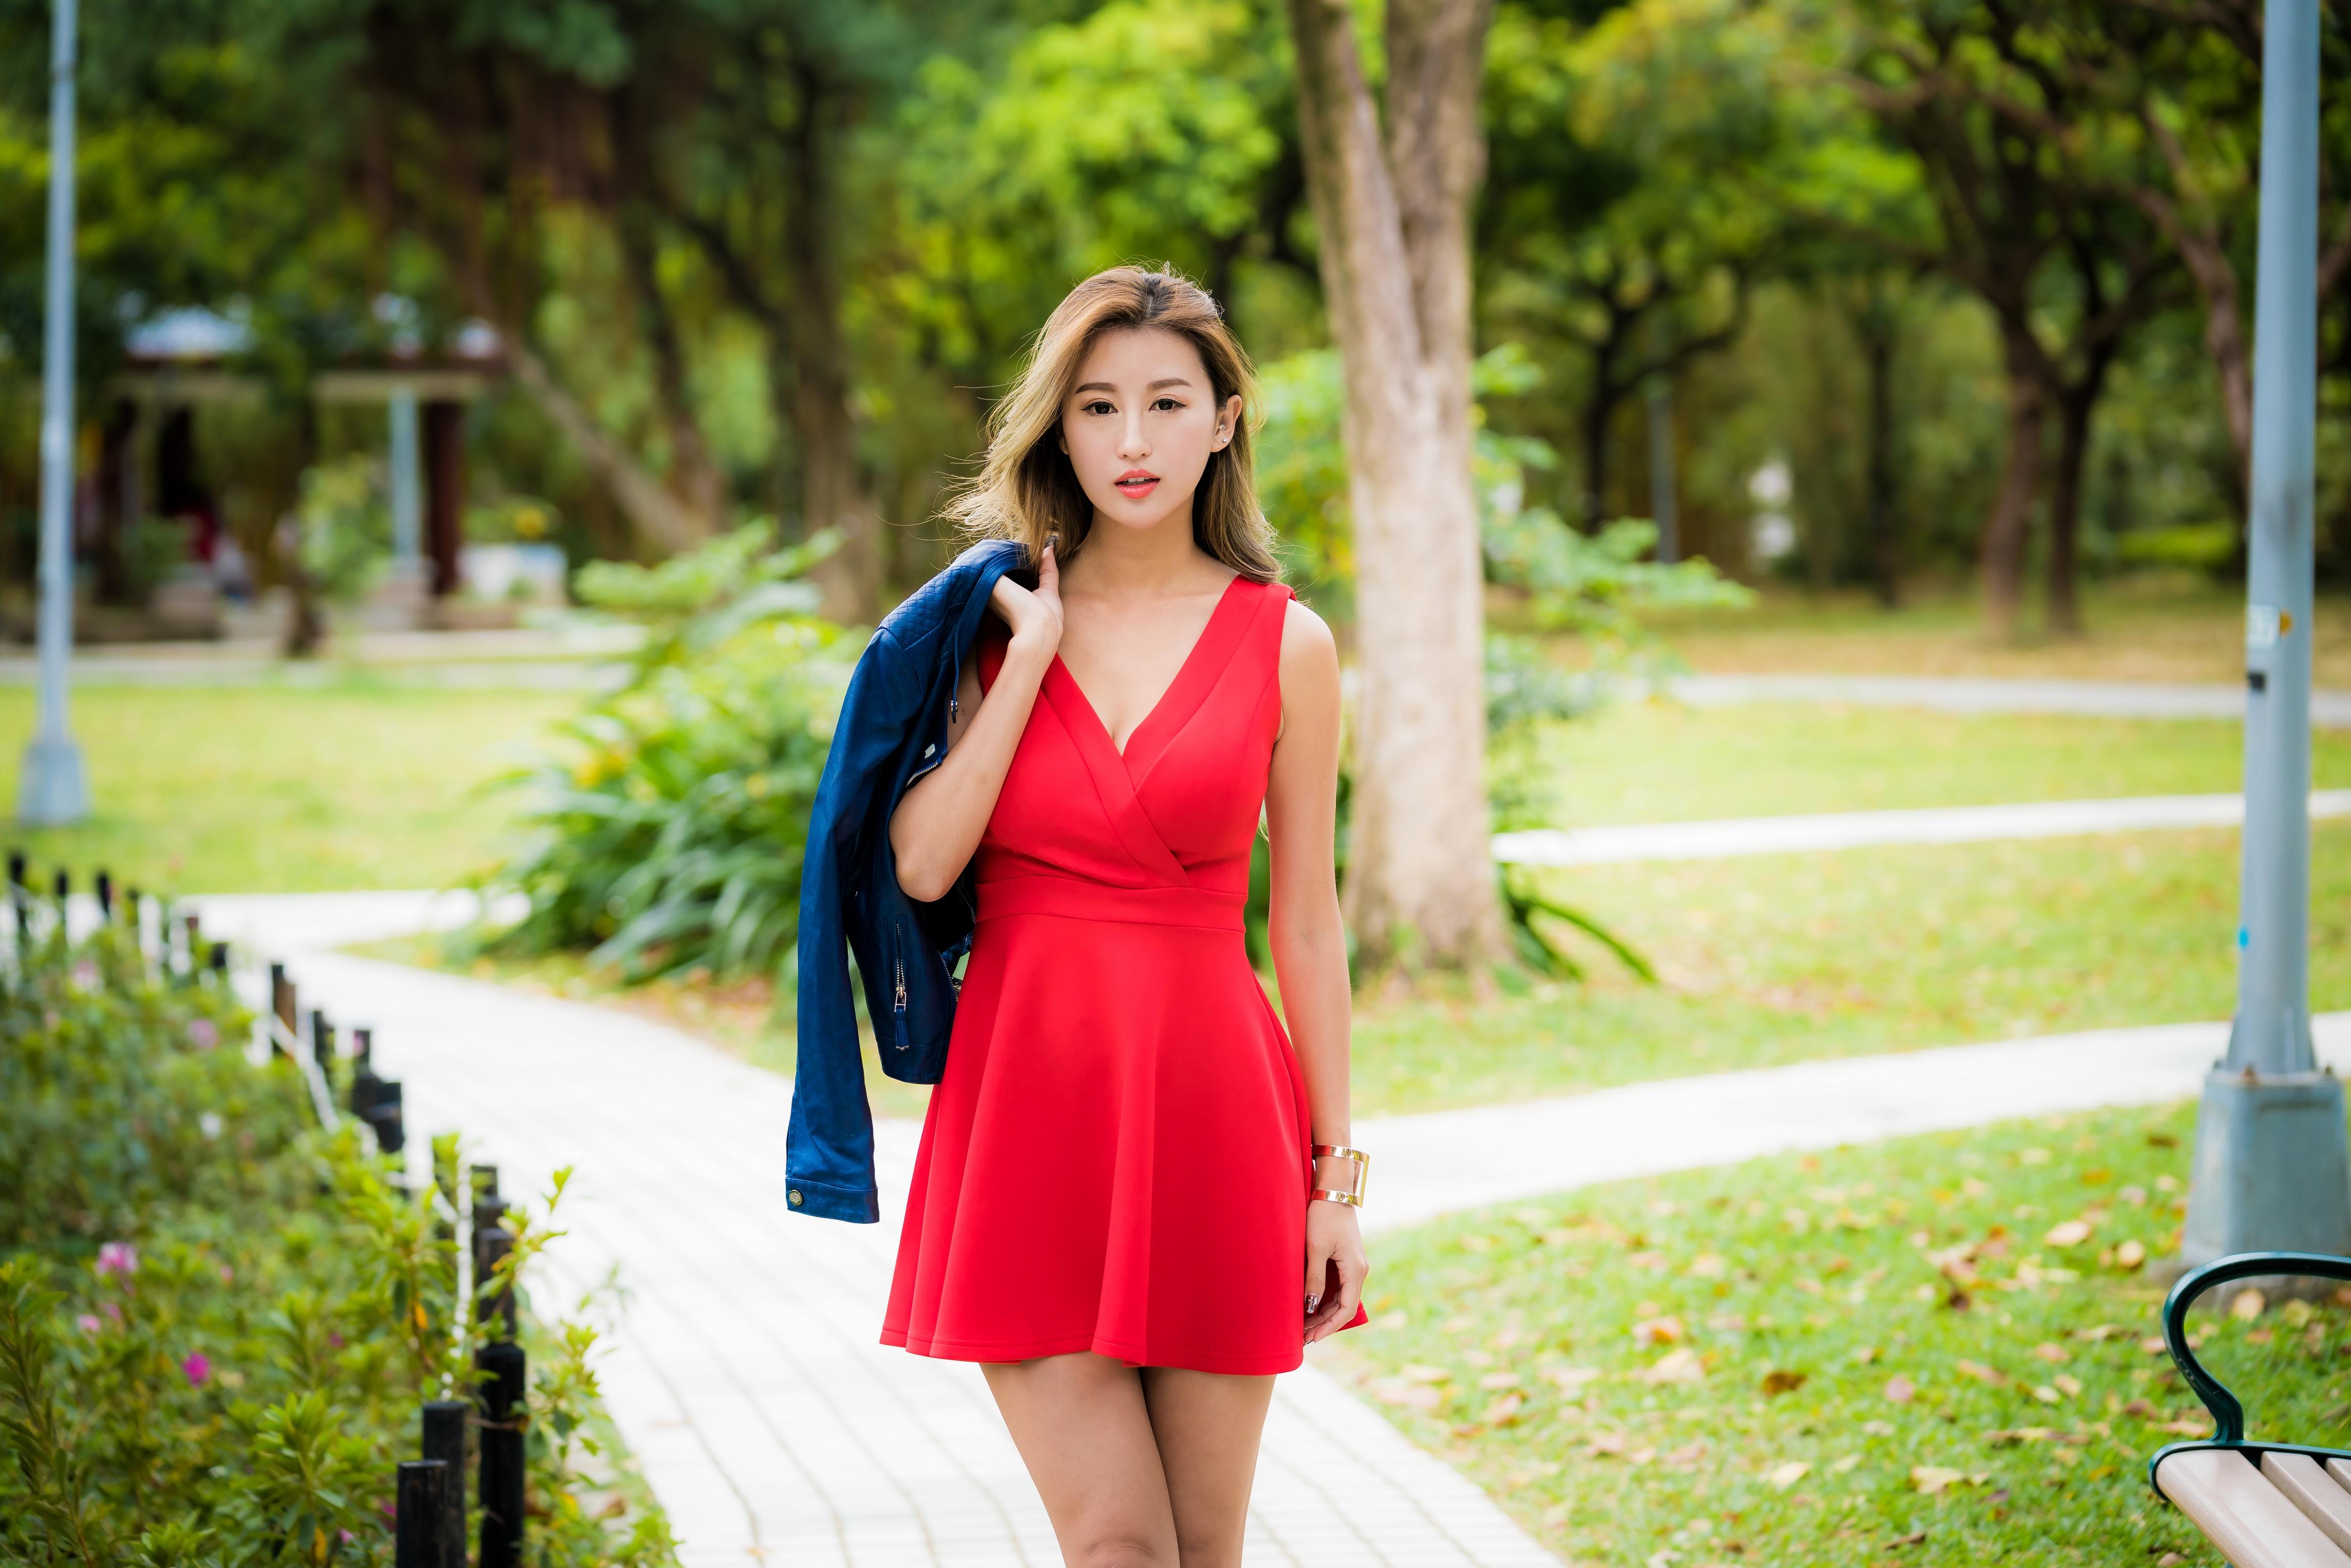 Wallpaper : model, Asian, brunette, portrait, Looking into